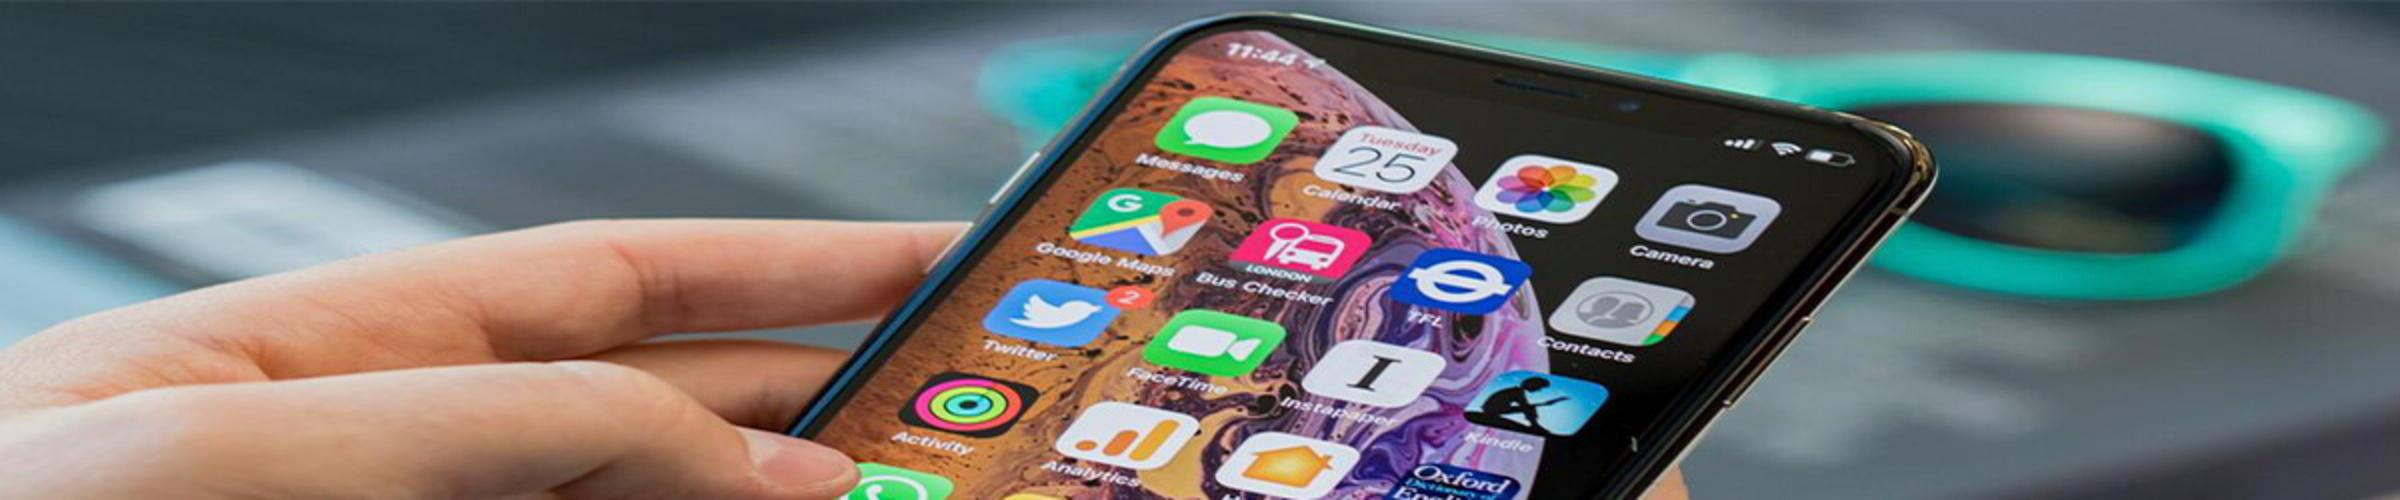 Как удалить приложение или игру с IPhone. Особенности последних версий IOS и iTunes